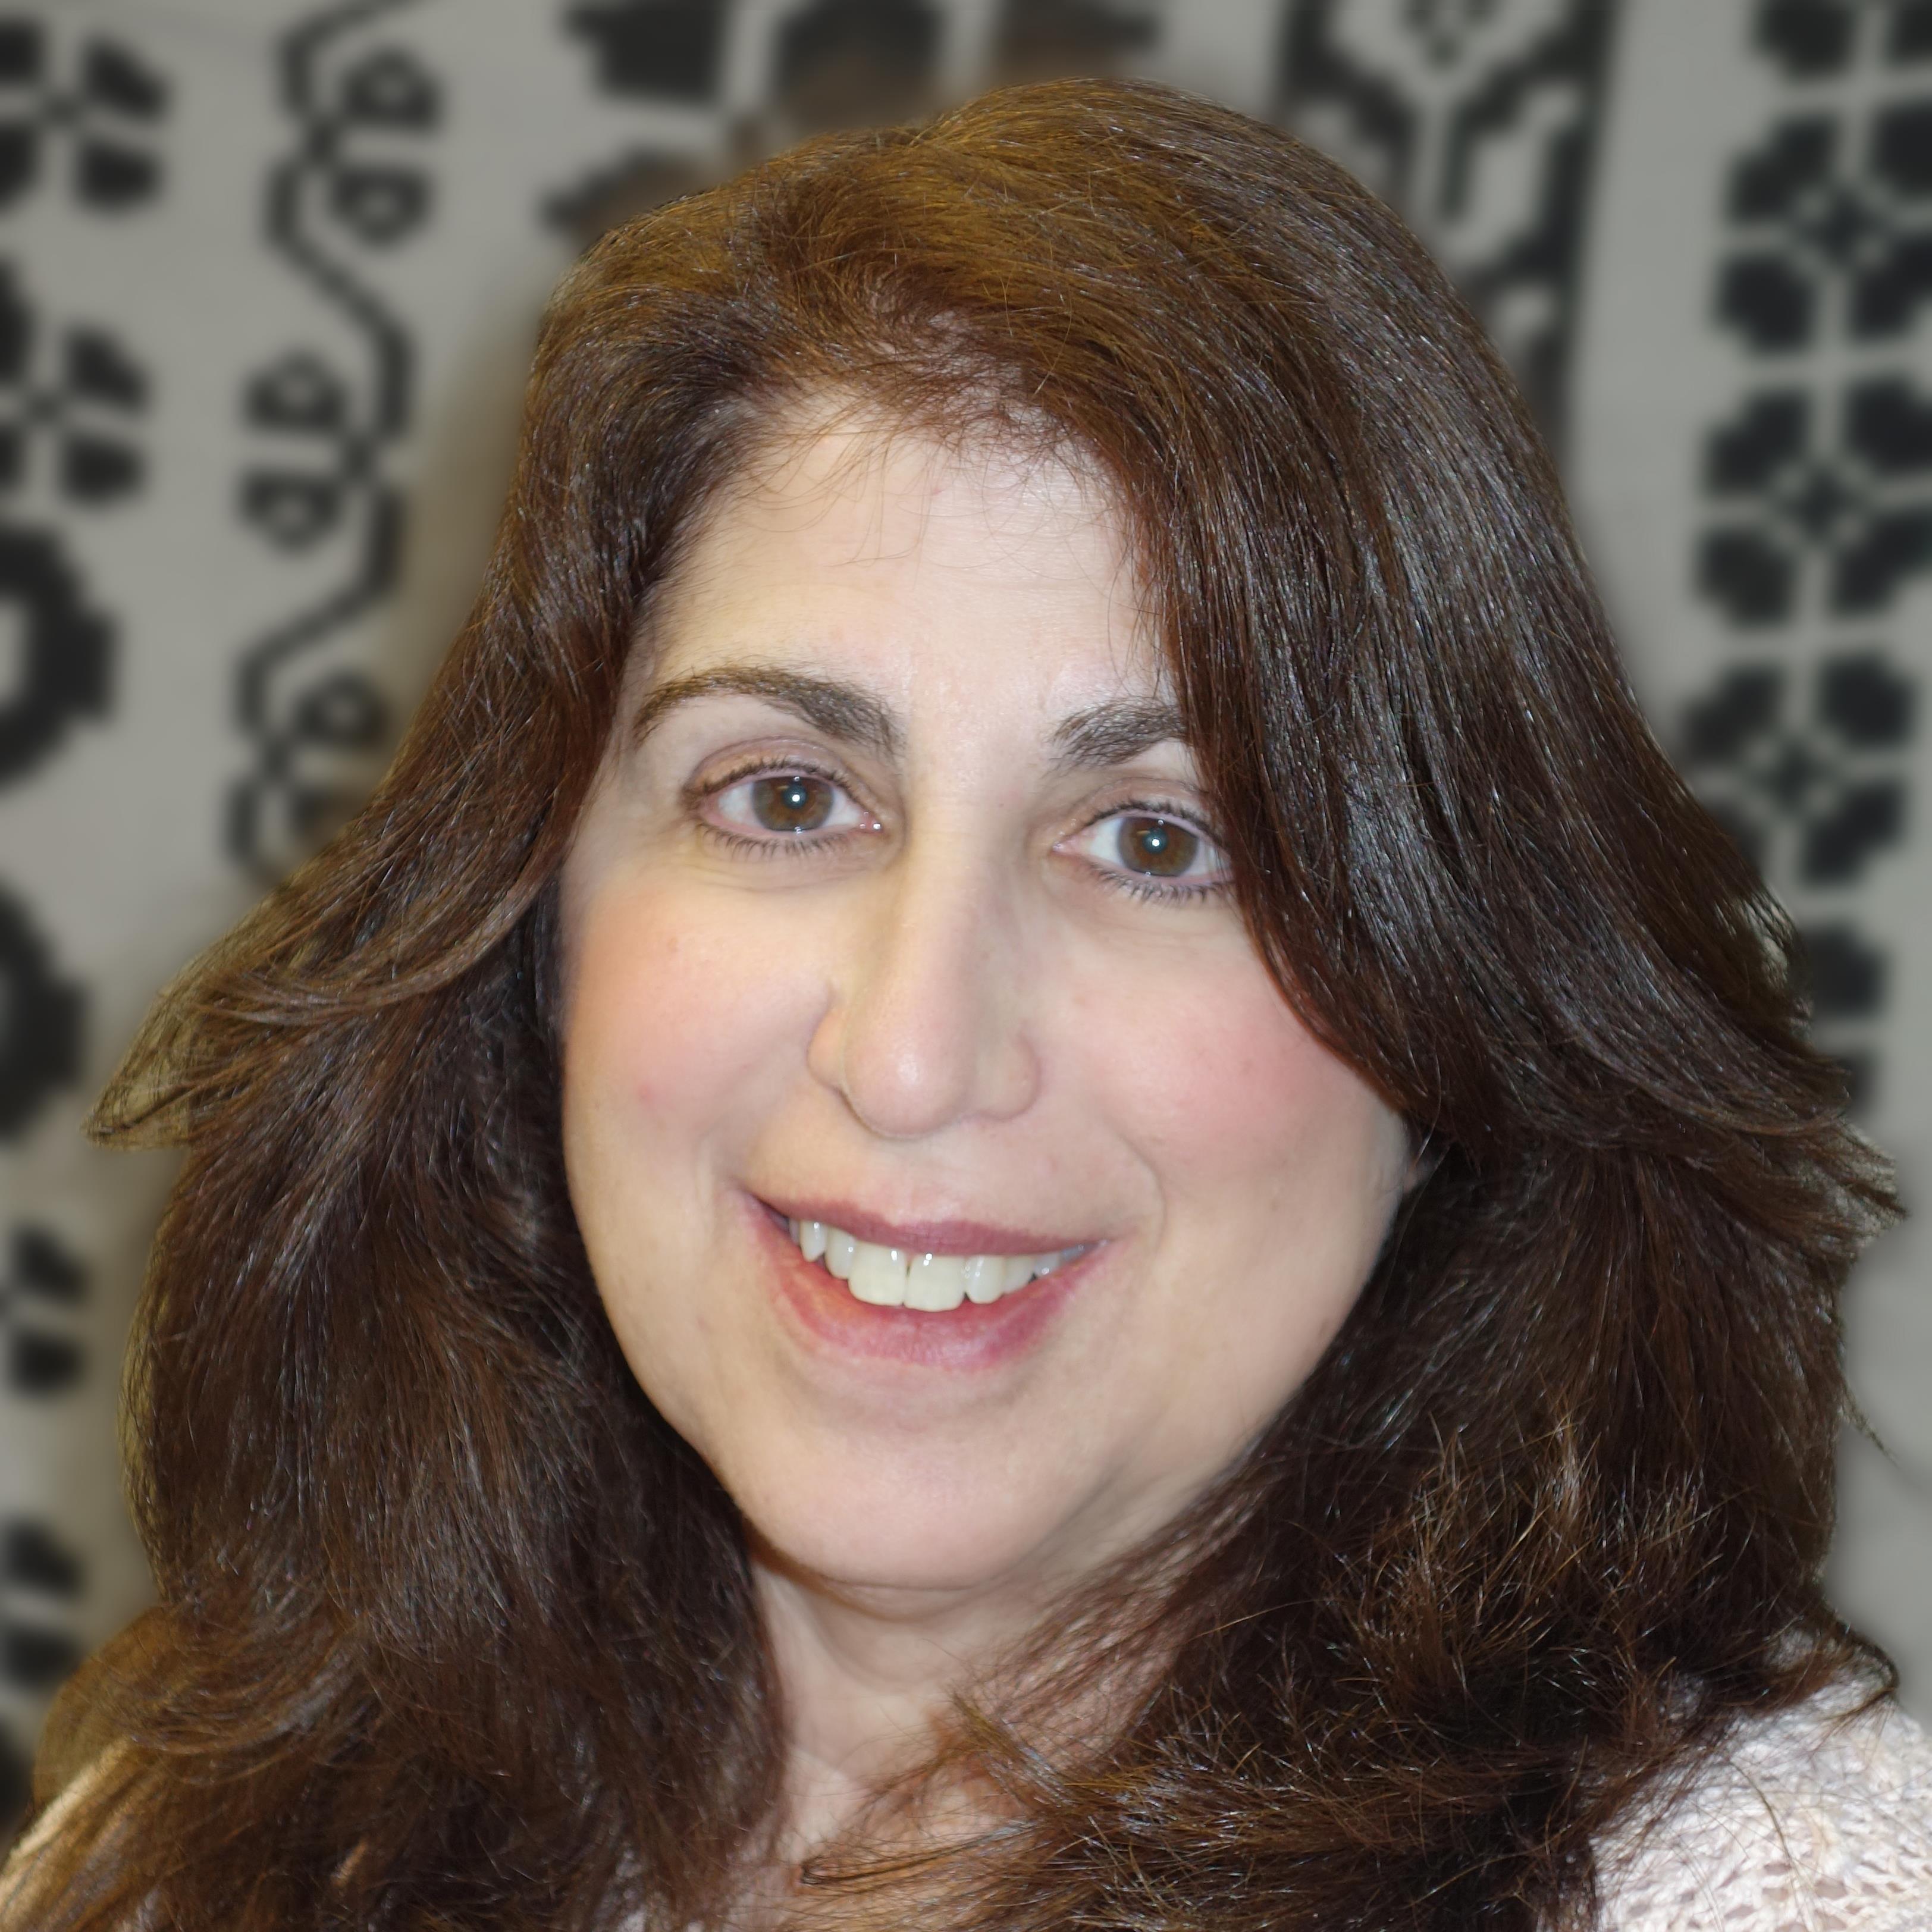 Susan Headshot 1-17.jpg